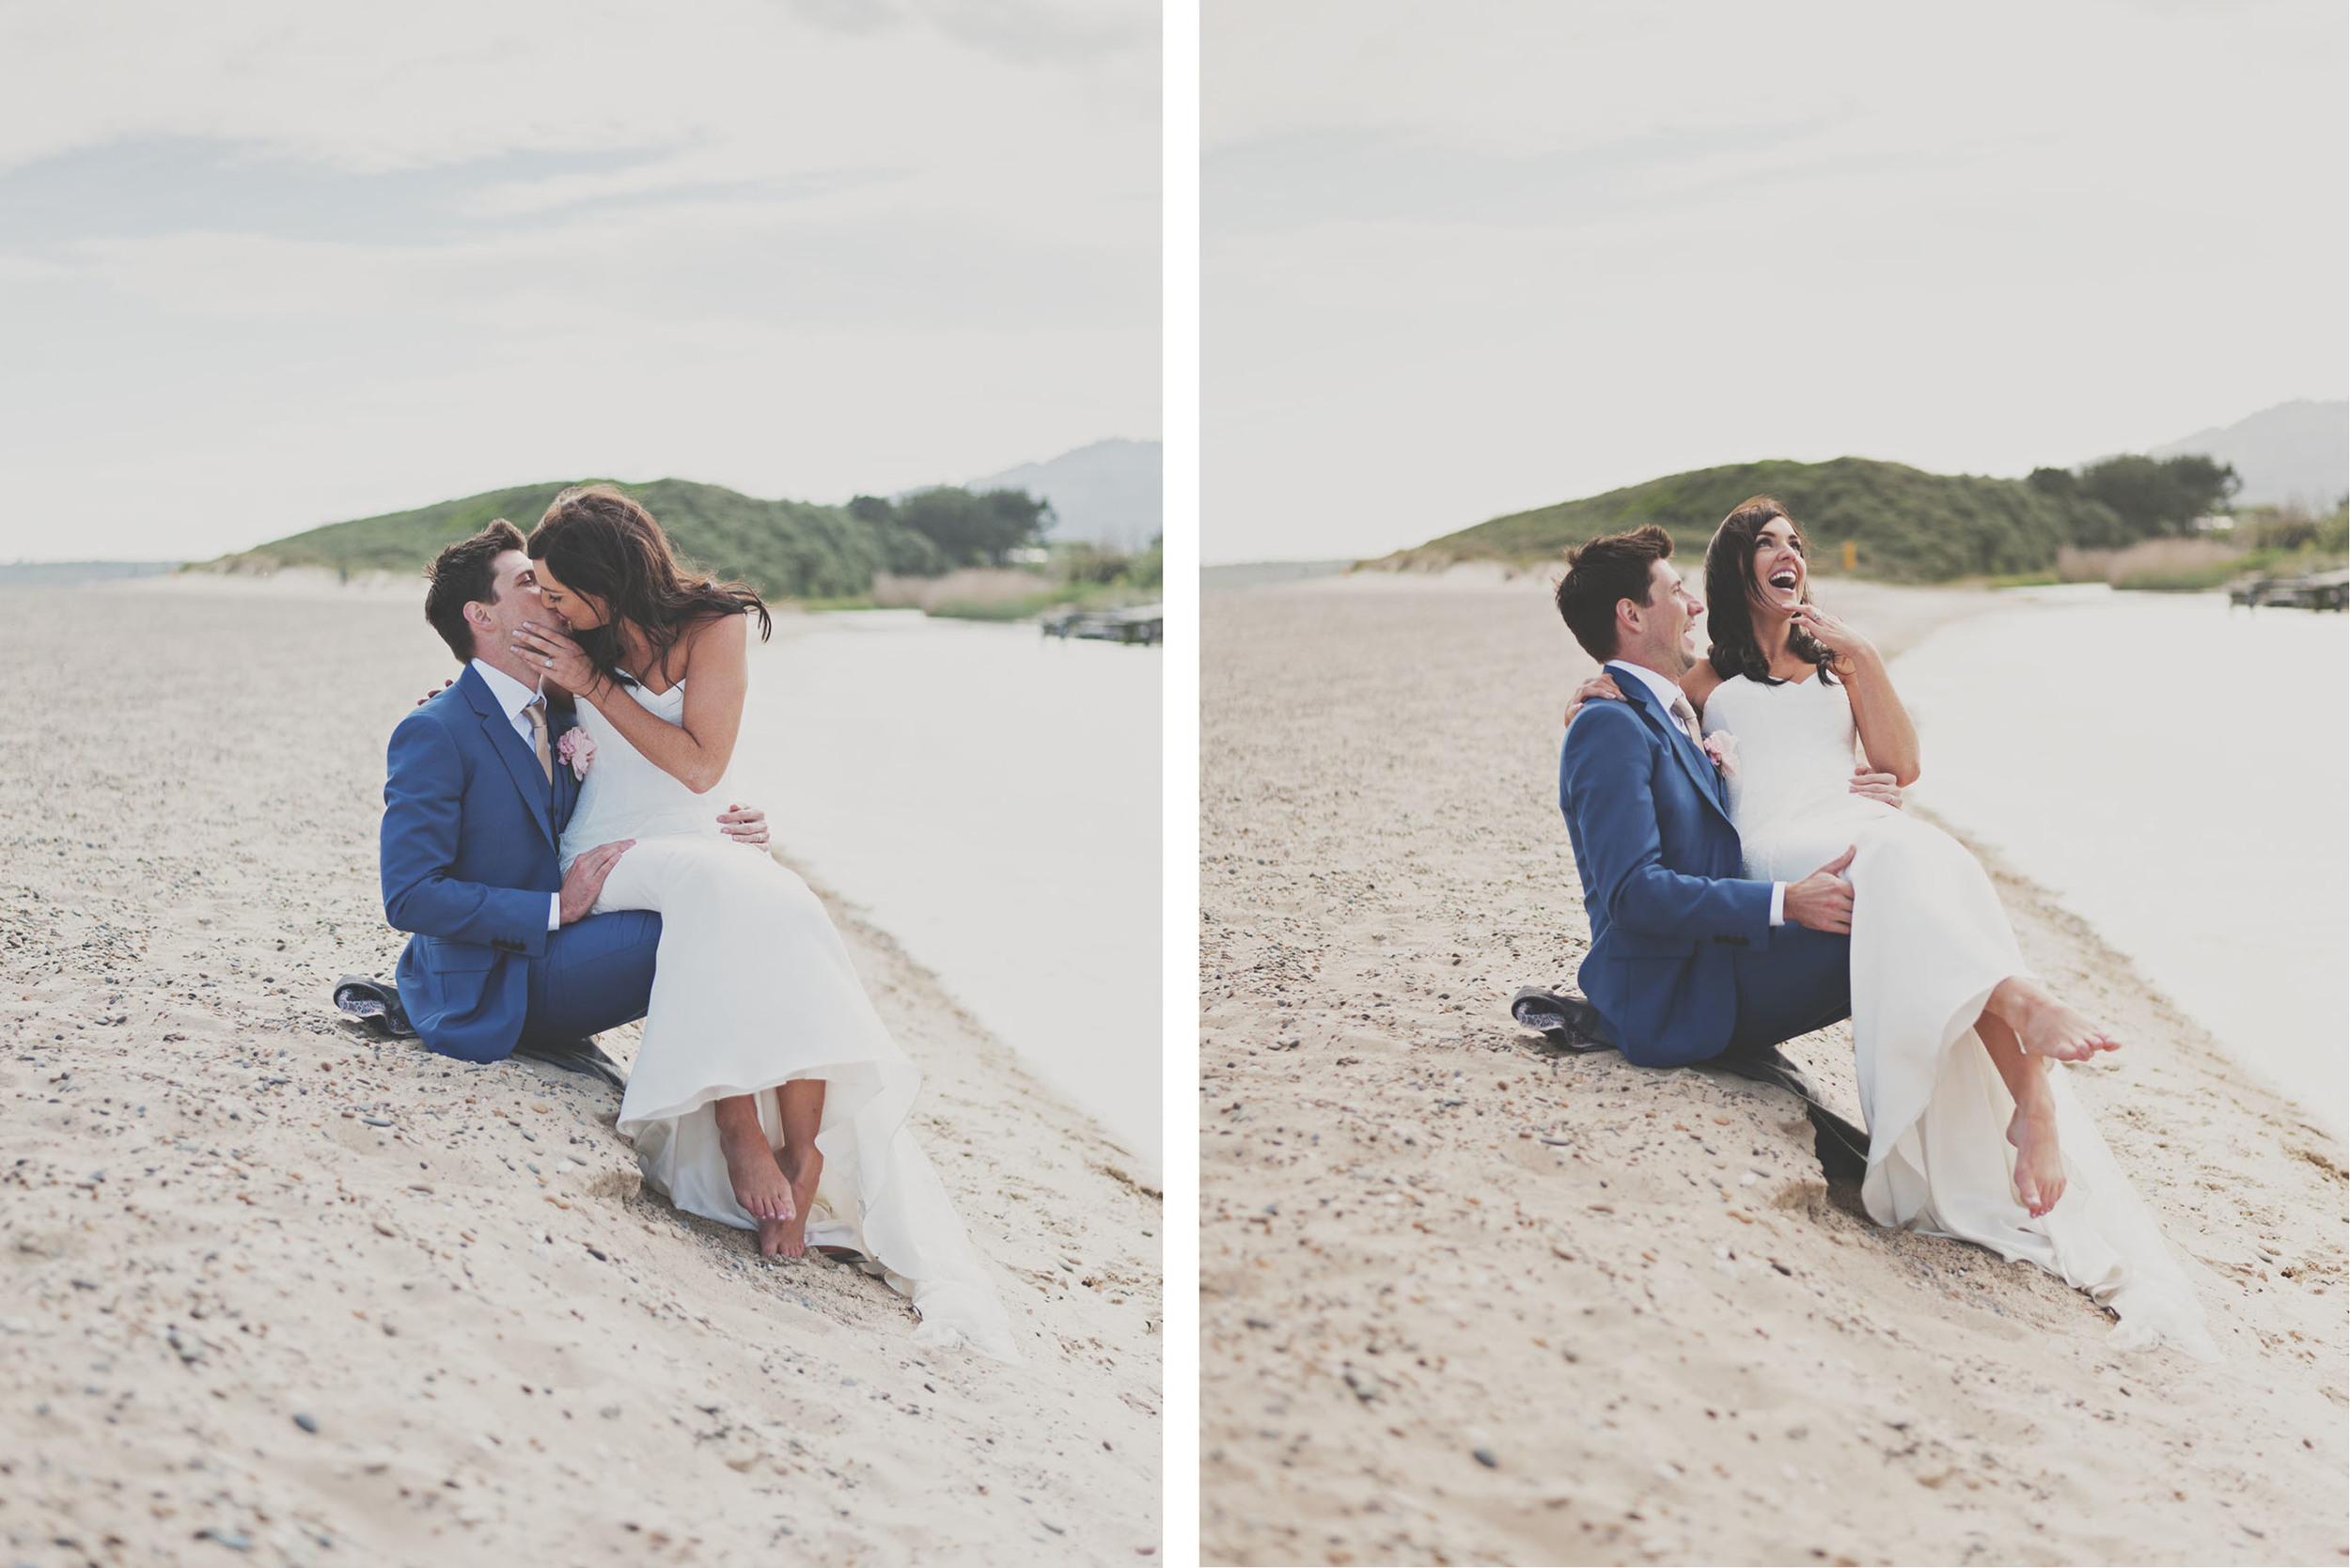 Julie & Matt's Seafield Wedding by Studio33weddings 084.jpg